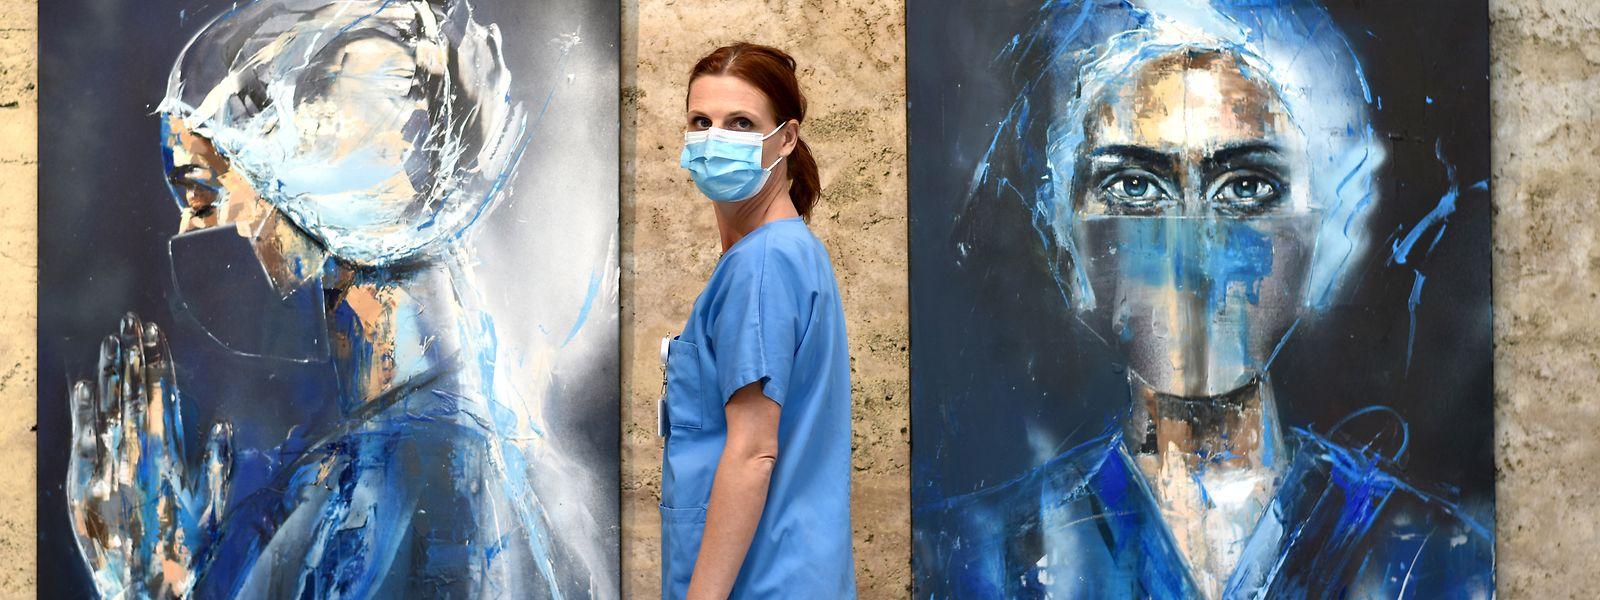 Die Krankenpflegerin und Künstlerin Gilliane Warzée hat ihre Eindrücke der Corona-Krise in zwei Porträts verarbeitet.